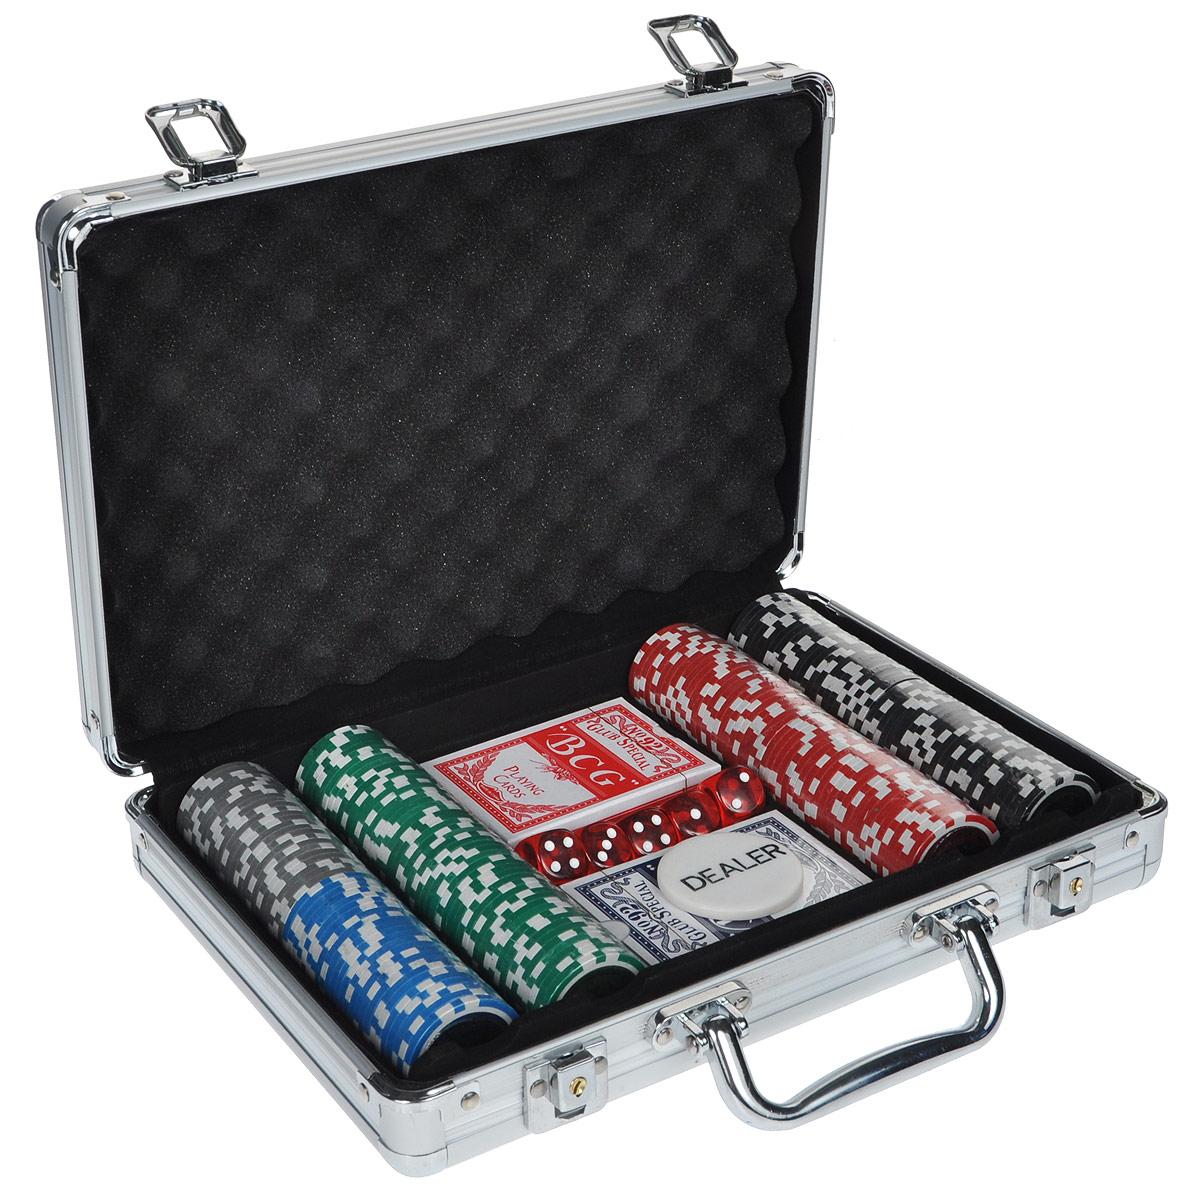 Набор для покера, размер: 30х21х8см. ГД5/200кГД5/200кНабор для игры в покер - то, что нужно для отличного проведения досуга. Набор состоит из двух колод игральных карт, 200 игровых пластиковых фишек, фишки Dealer и 5 игровых кубиков. Набор фишек состоит из 25 фишек белого цвета с номиналом 1, 50 фишек красного цвета c номиналом 5, 50 фишек зеленого цвета с номиналом 25, 25 фишек синего цвета с номиналом 50 и 50 фишек черного цвета с номиналом 100. Предметы набора хранятся в металлическом кейсе, закрывающемся на ключ. Такой набор станет отличным подарком для любителей покера. Покер (англ. poker) - карточная игра, цель которой - выиграть ставки, собрав как можно более высокую покерную комбинацию, используя 5 карт, или вынудив всех соперников прекратить участвовать в игре. Игра идет с полностью или частично закрытыми картами. Покер как карточная игра существует более 500 лет. Зародился он в Европе: в Испании, Франции, Италии. С течением времени правила покера менялись. Первые письменные упоминания о...